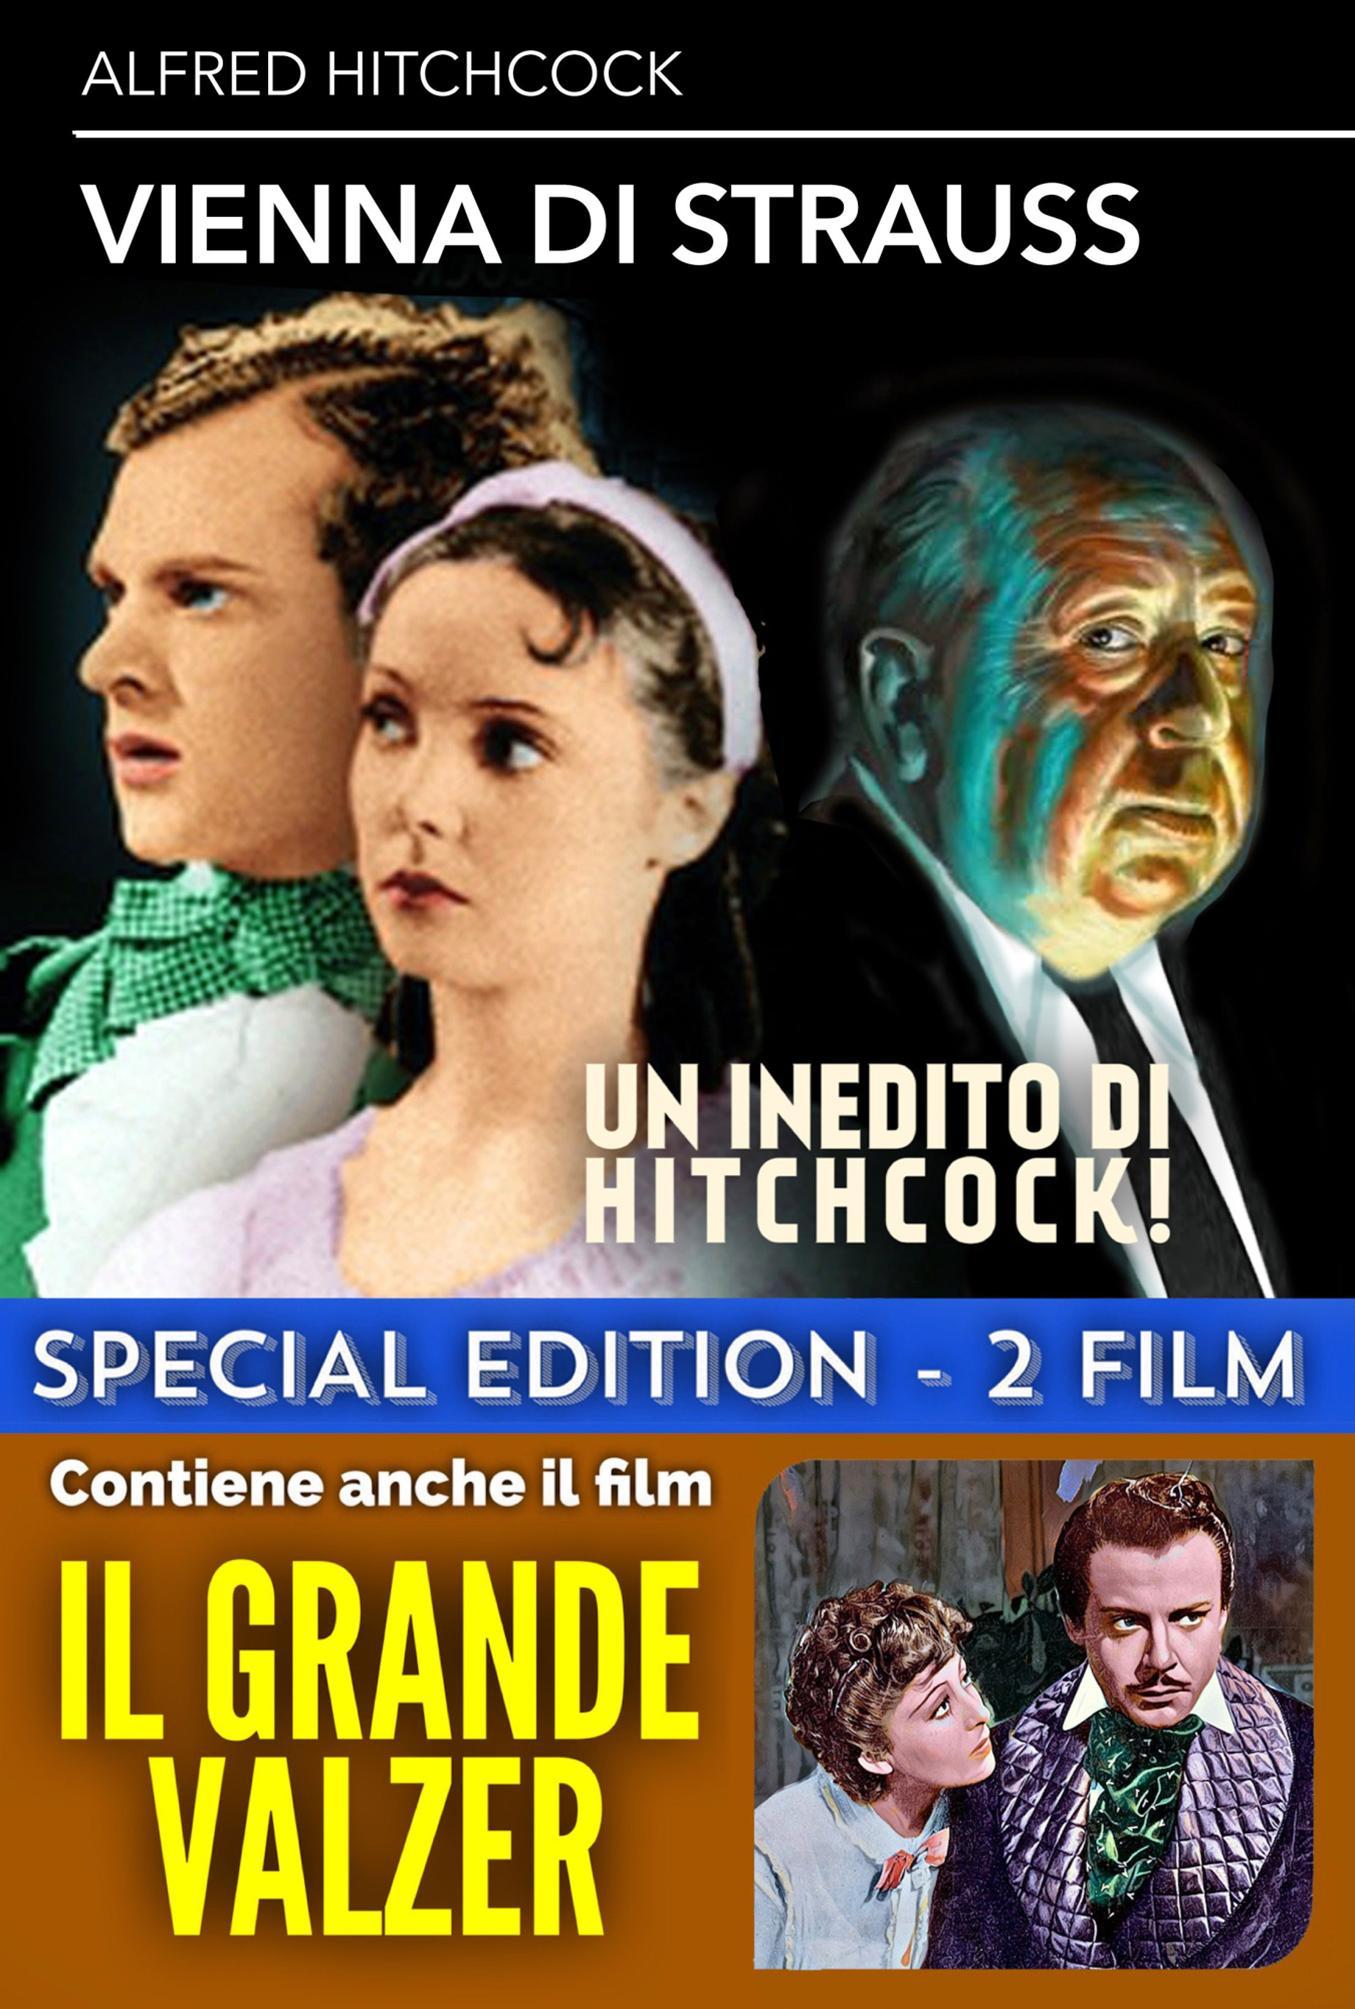 VIENNA DI STRAUSS / IL GRANDE VALZER (DVD)